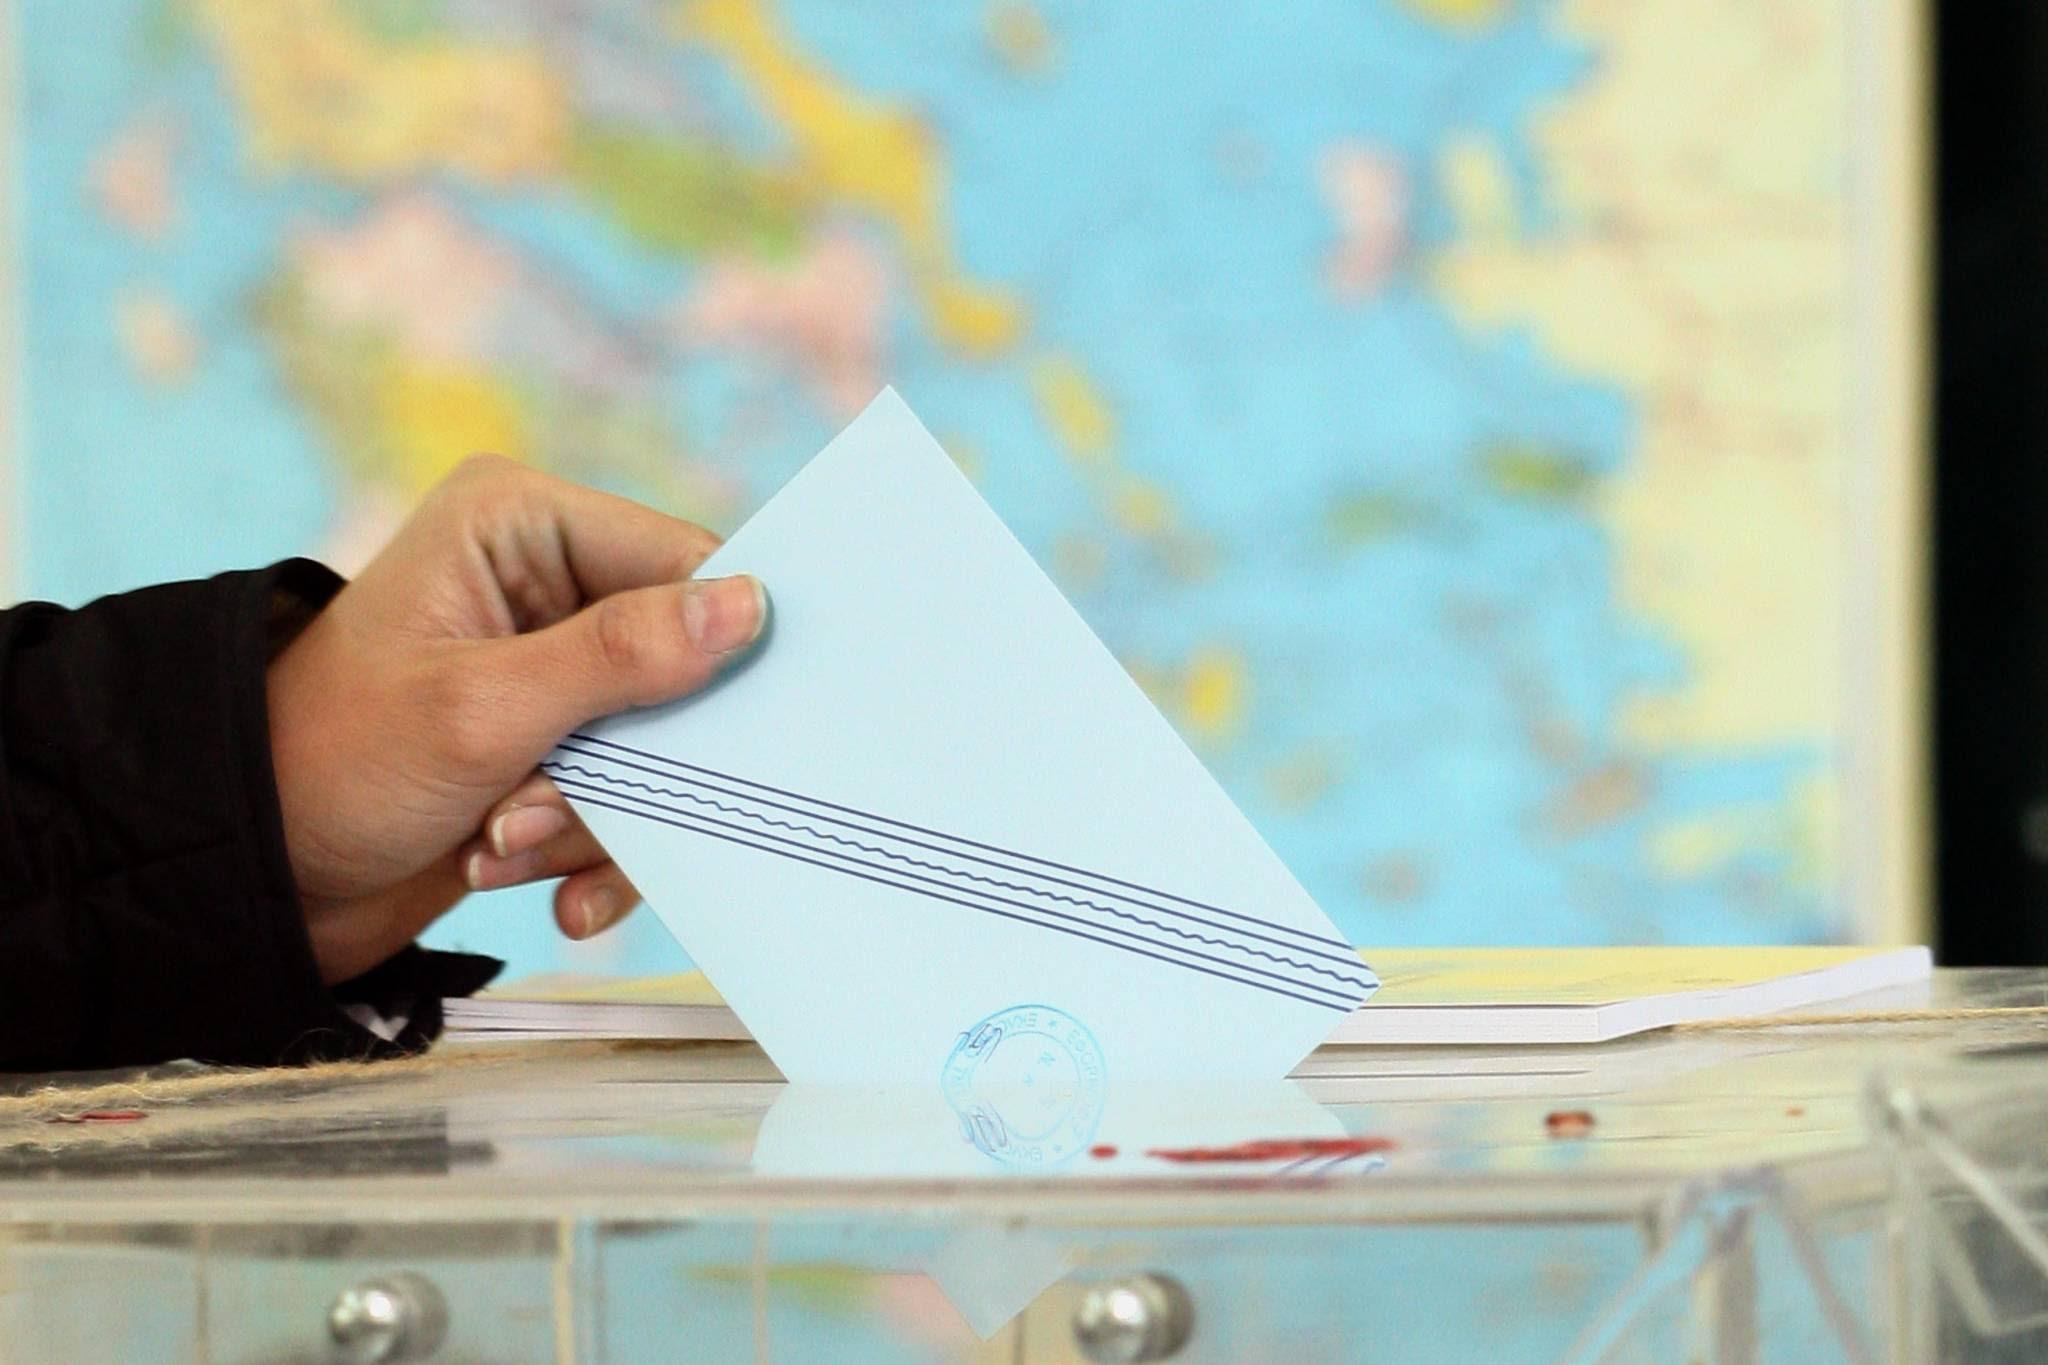 Σαμαράς-Βενιζέλος προωθούν αλλαγή εκλογικού νόμου.